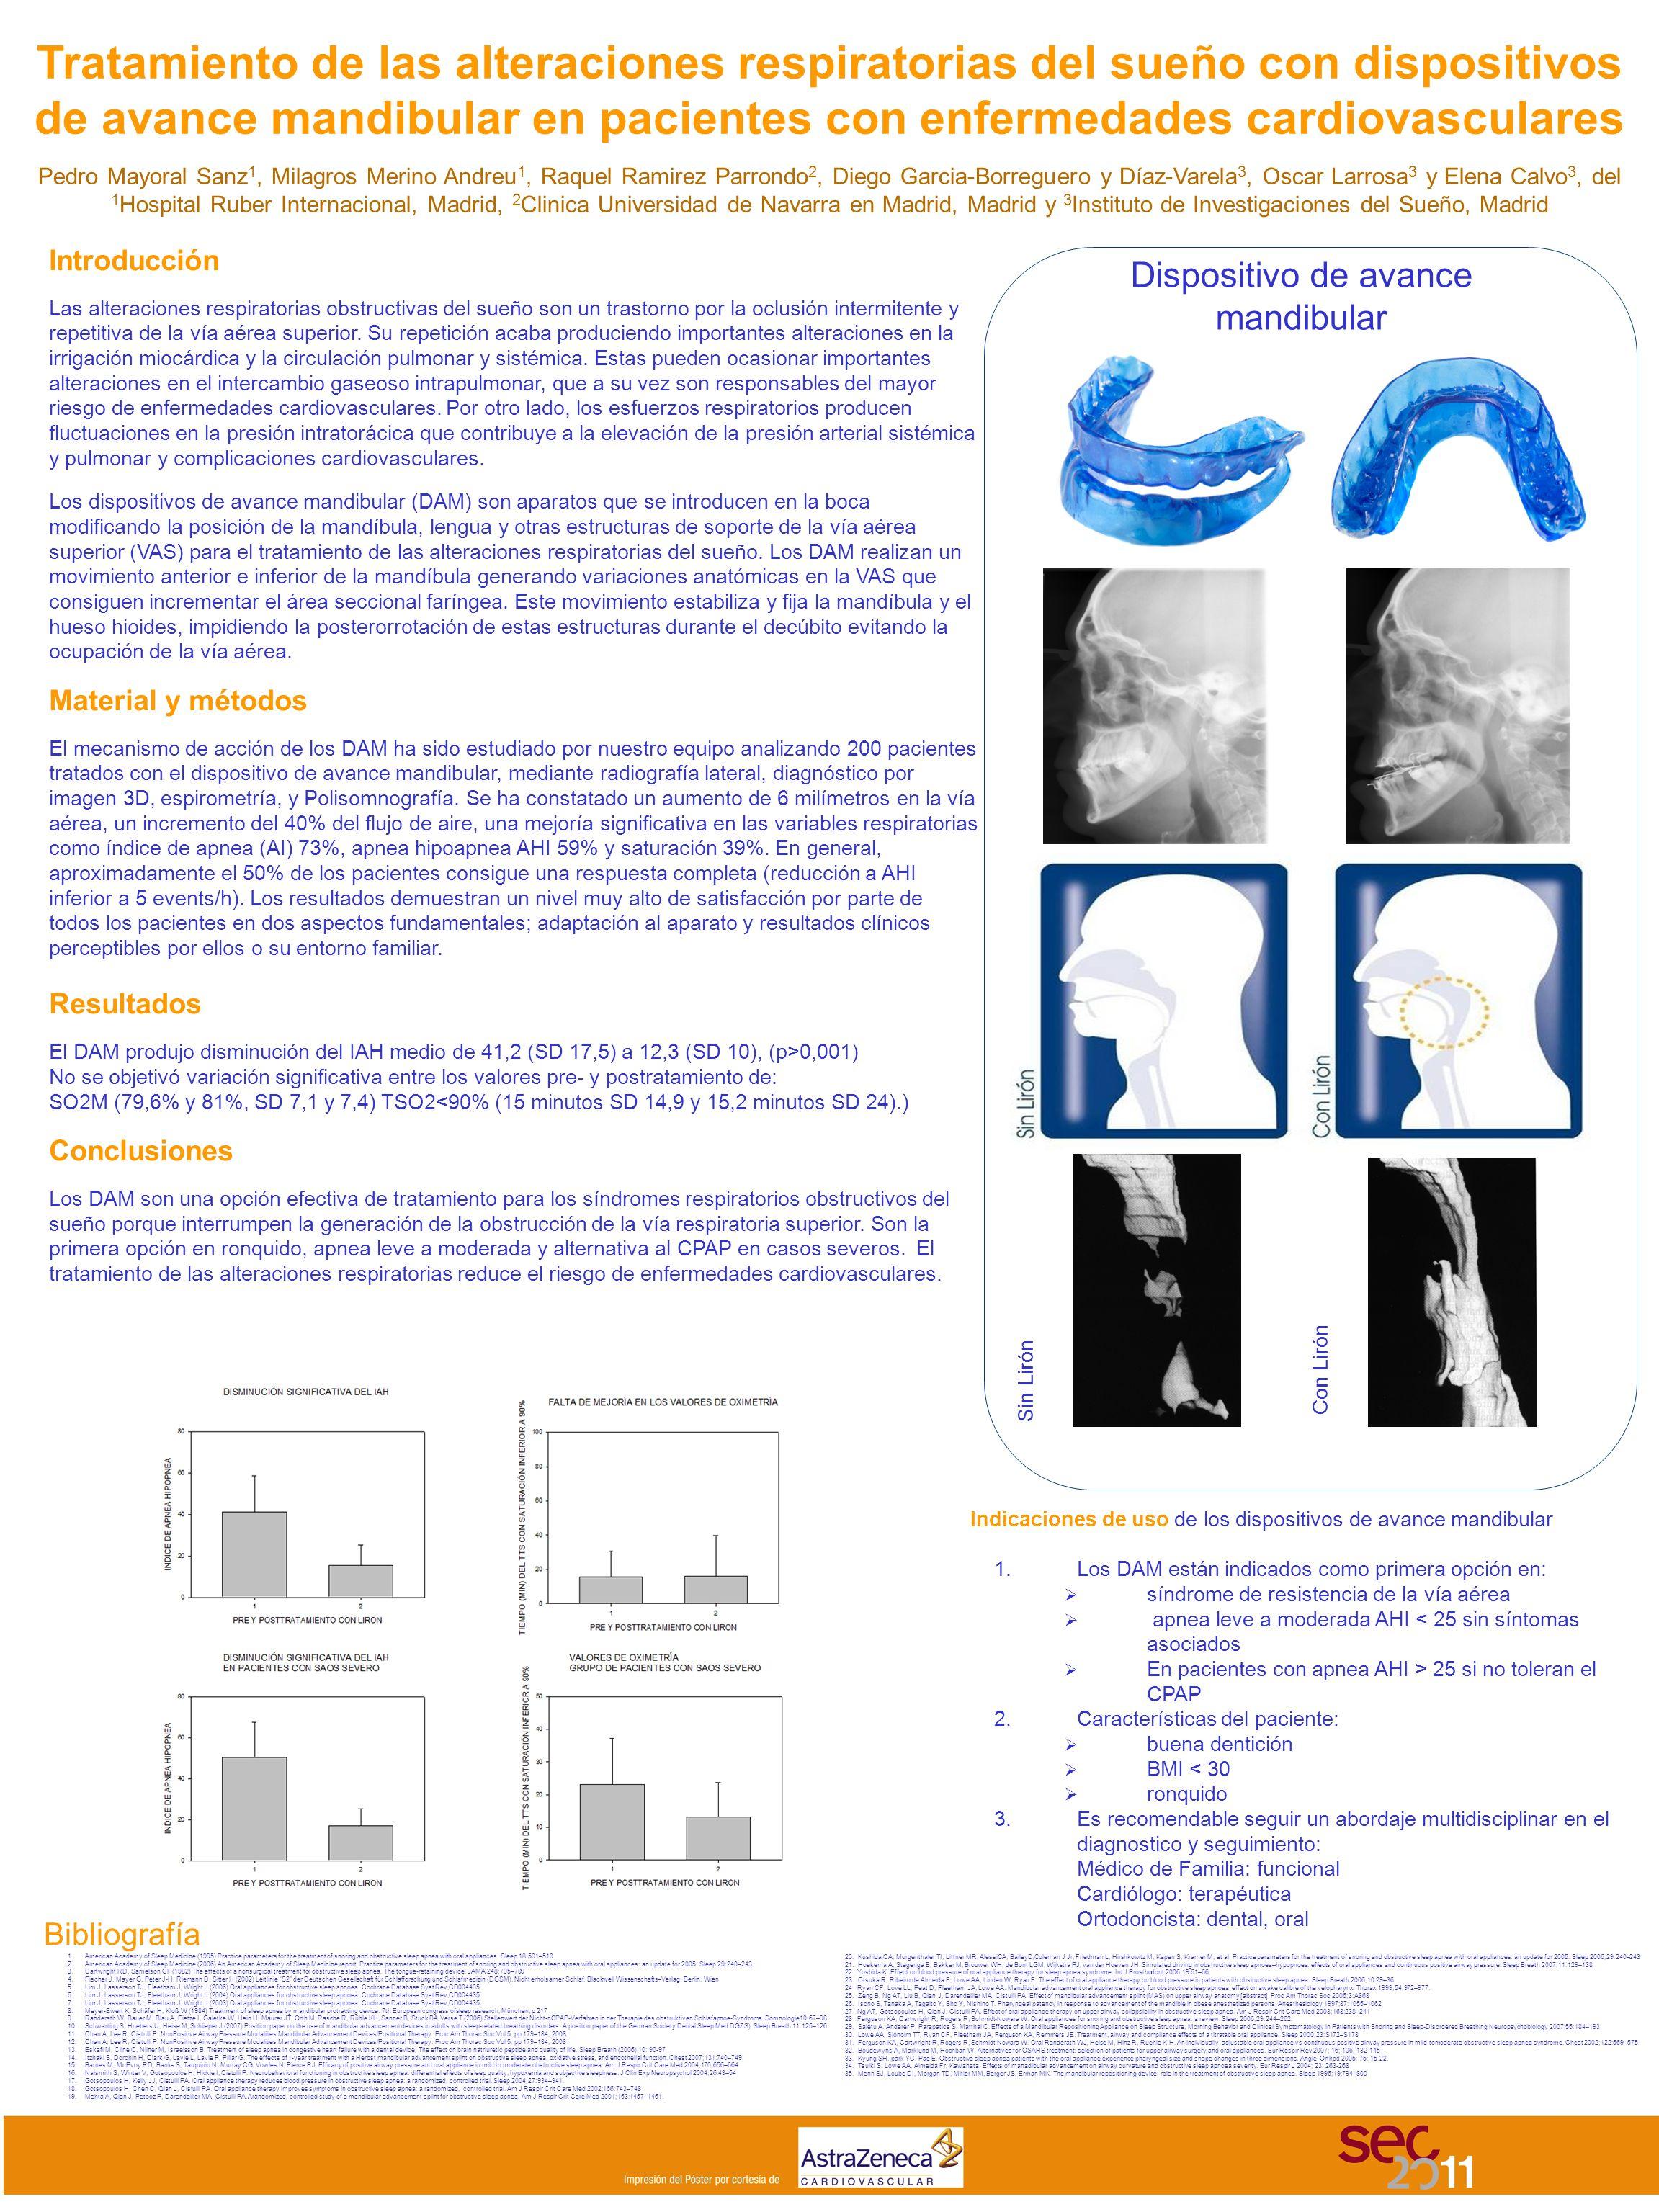 Tratamiento de las alteraciones respiratorias del sueño con dispositivos de avance mandibular en pacientes con enfermedades cardiovasculares Pedro May